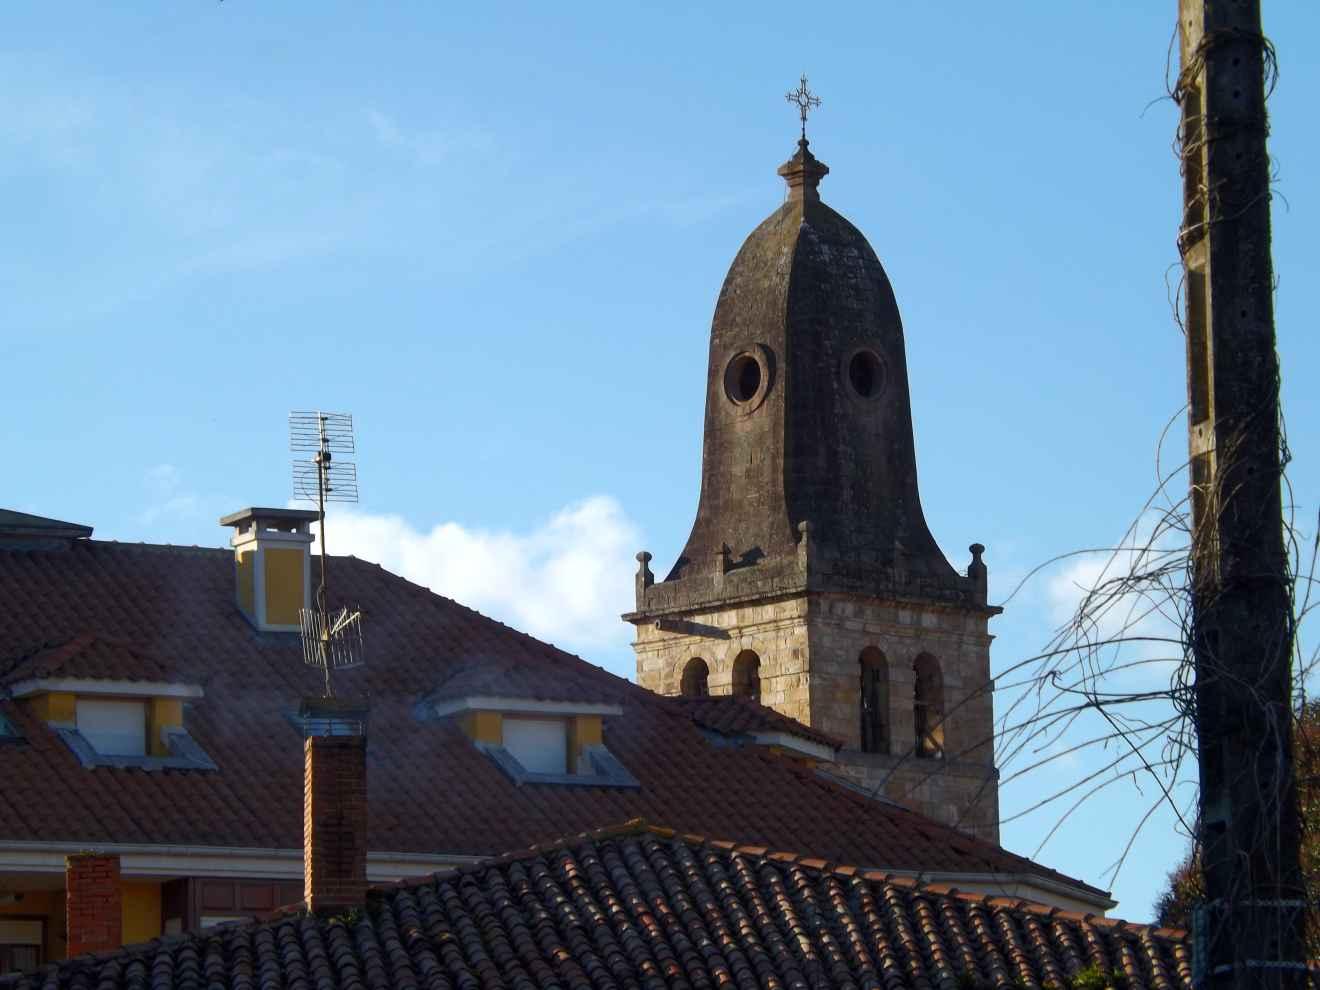 Chapitel de la iglesia de Cabezón